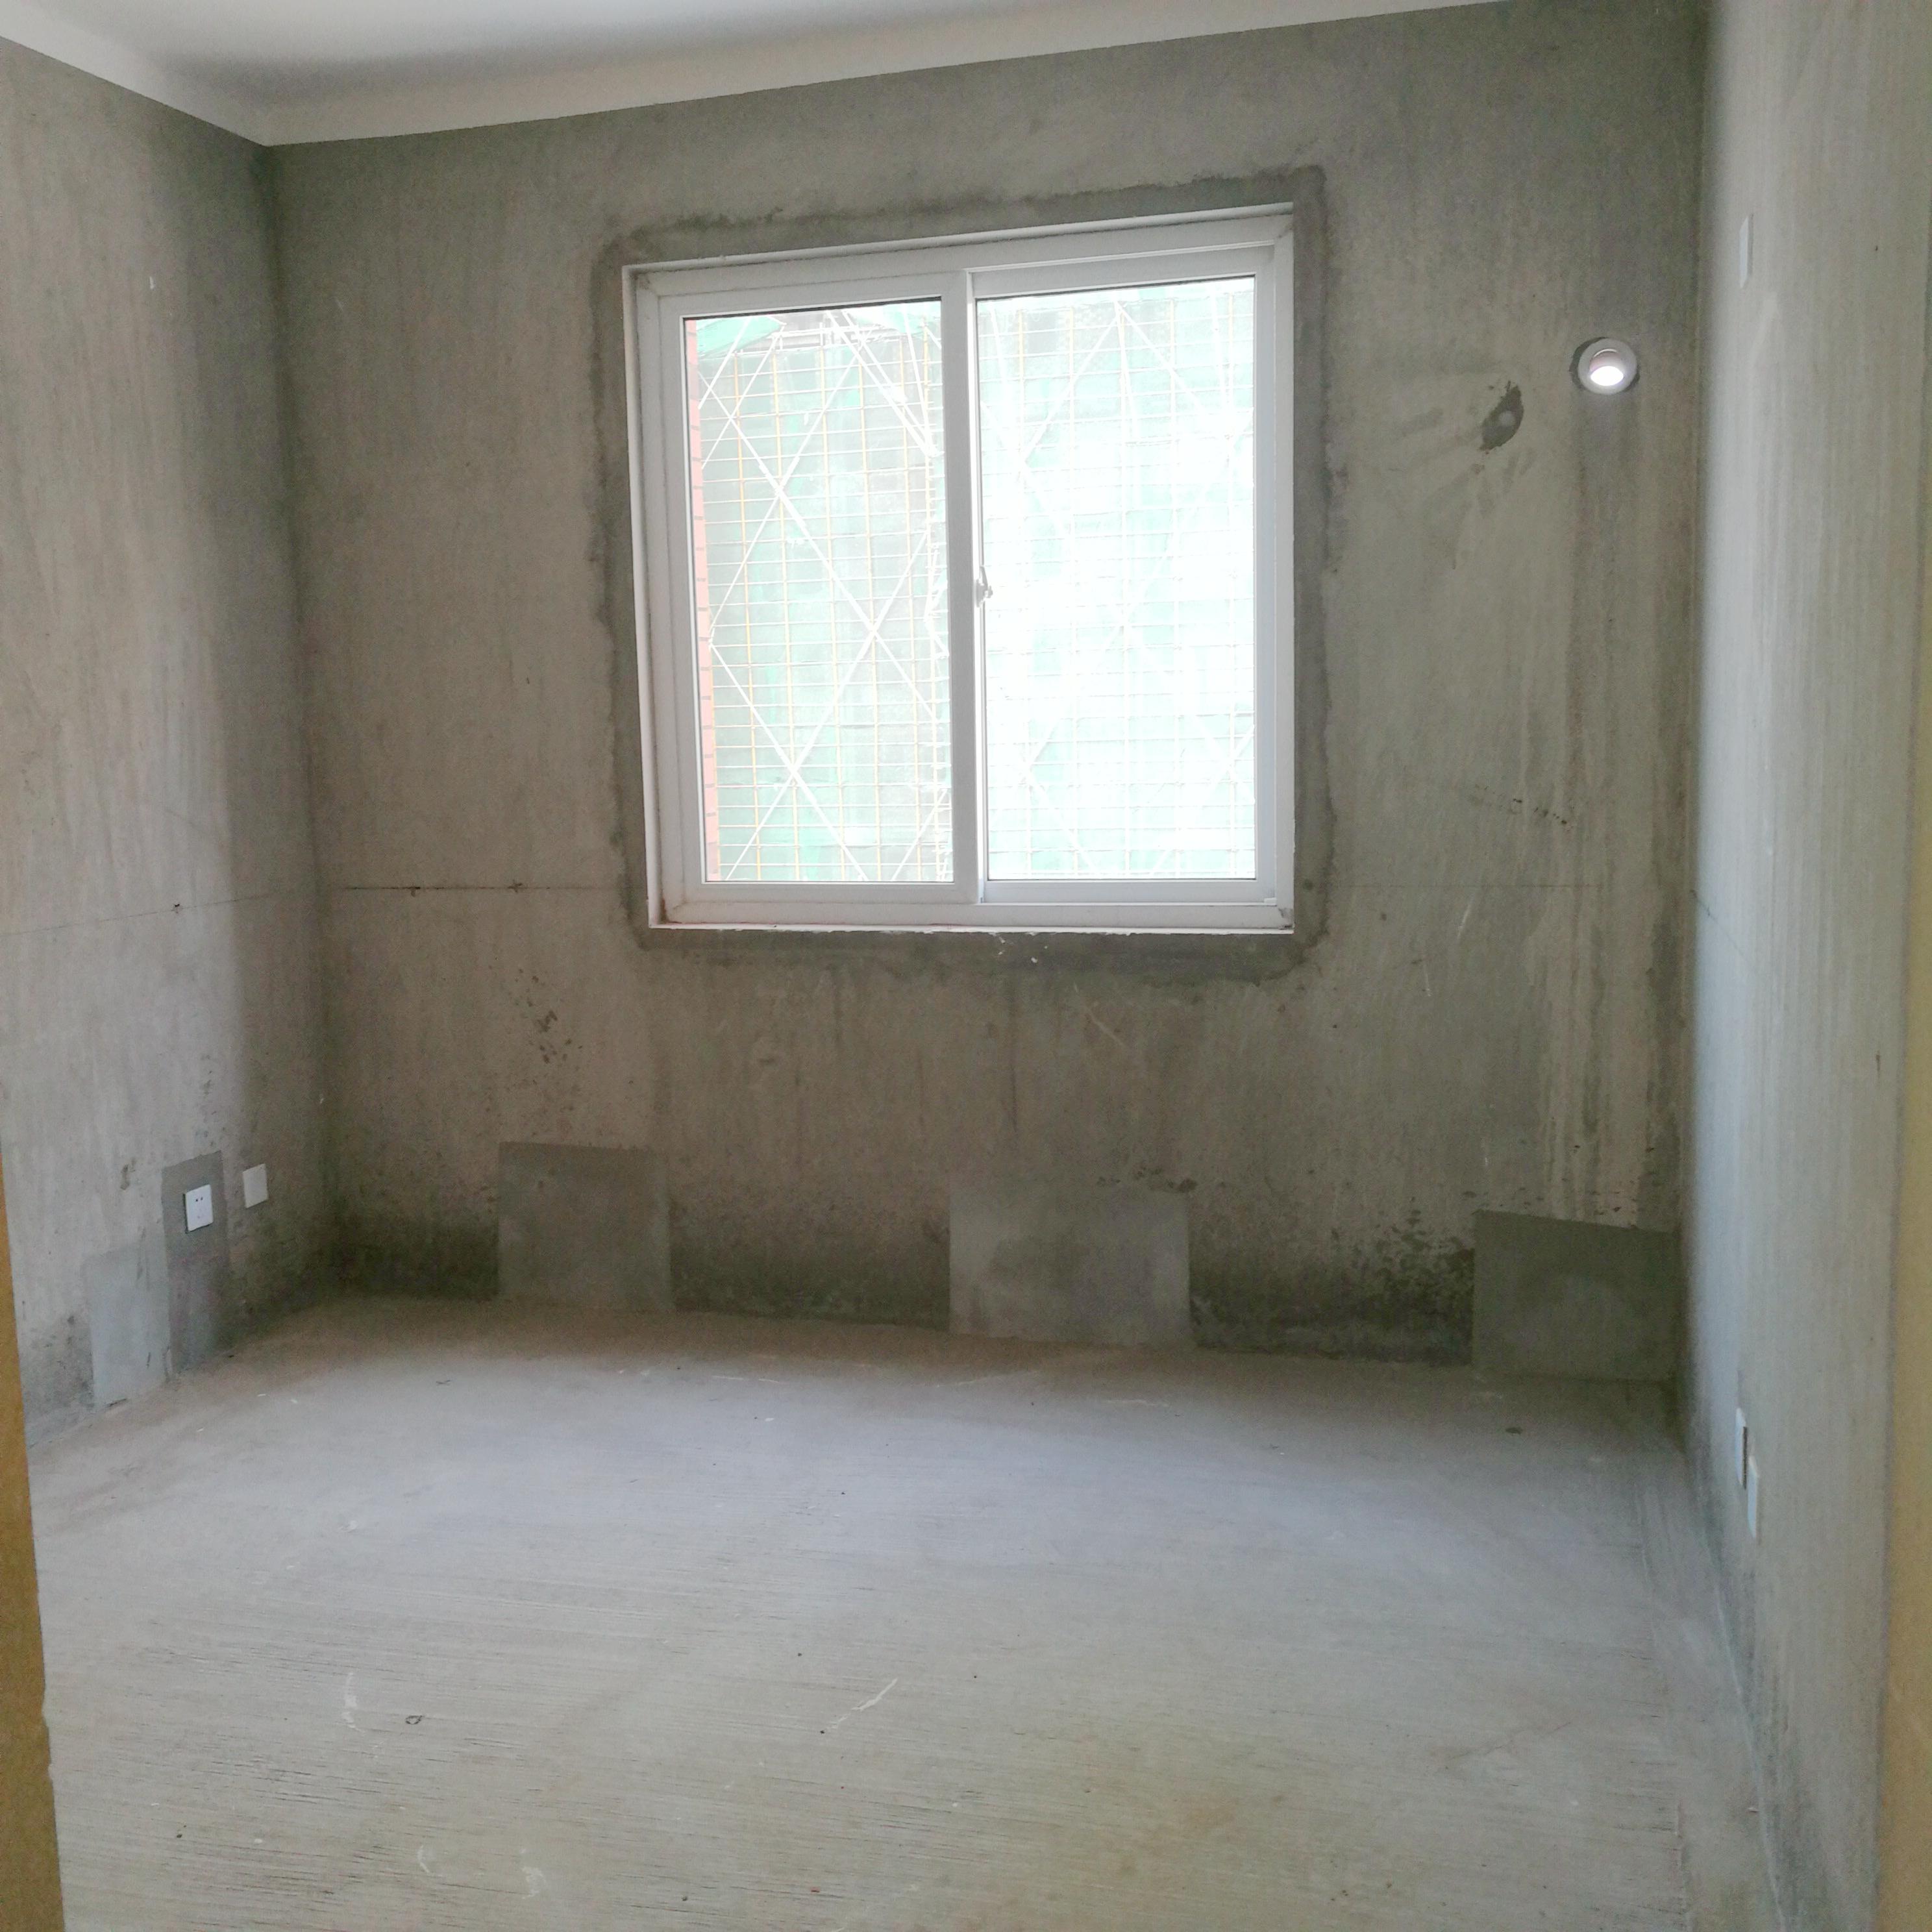 英伦联邦100平米3室毛坯房出售_7